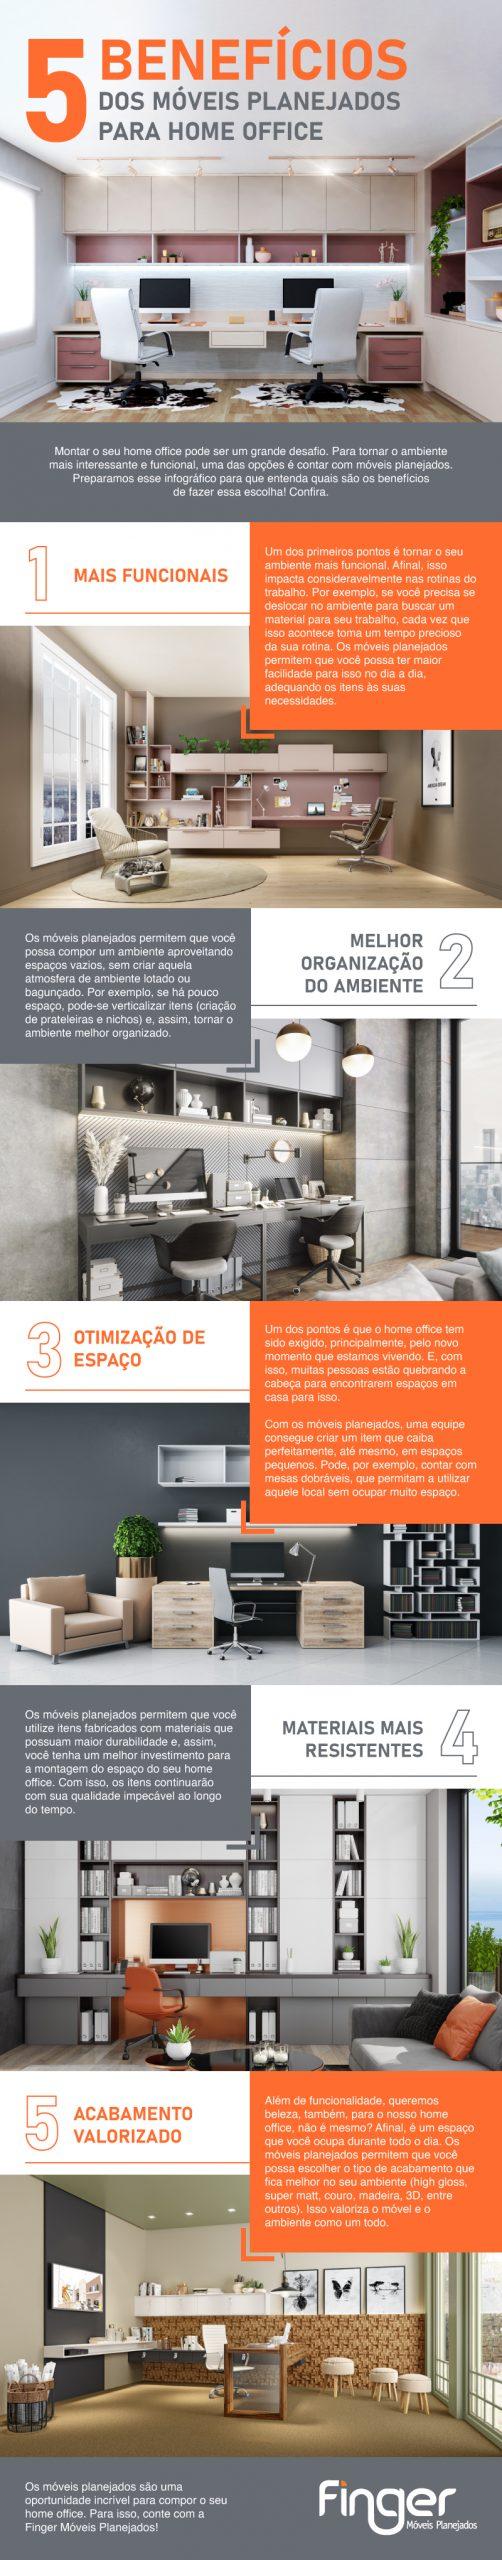 infografico melhorar o home office